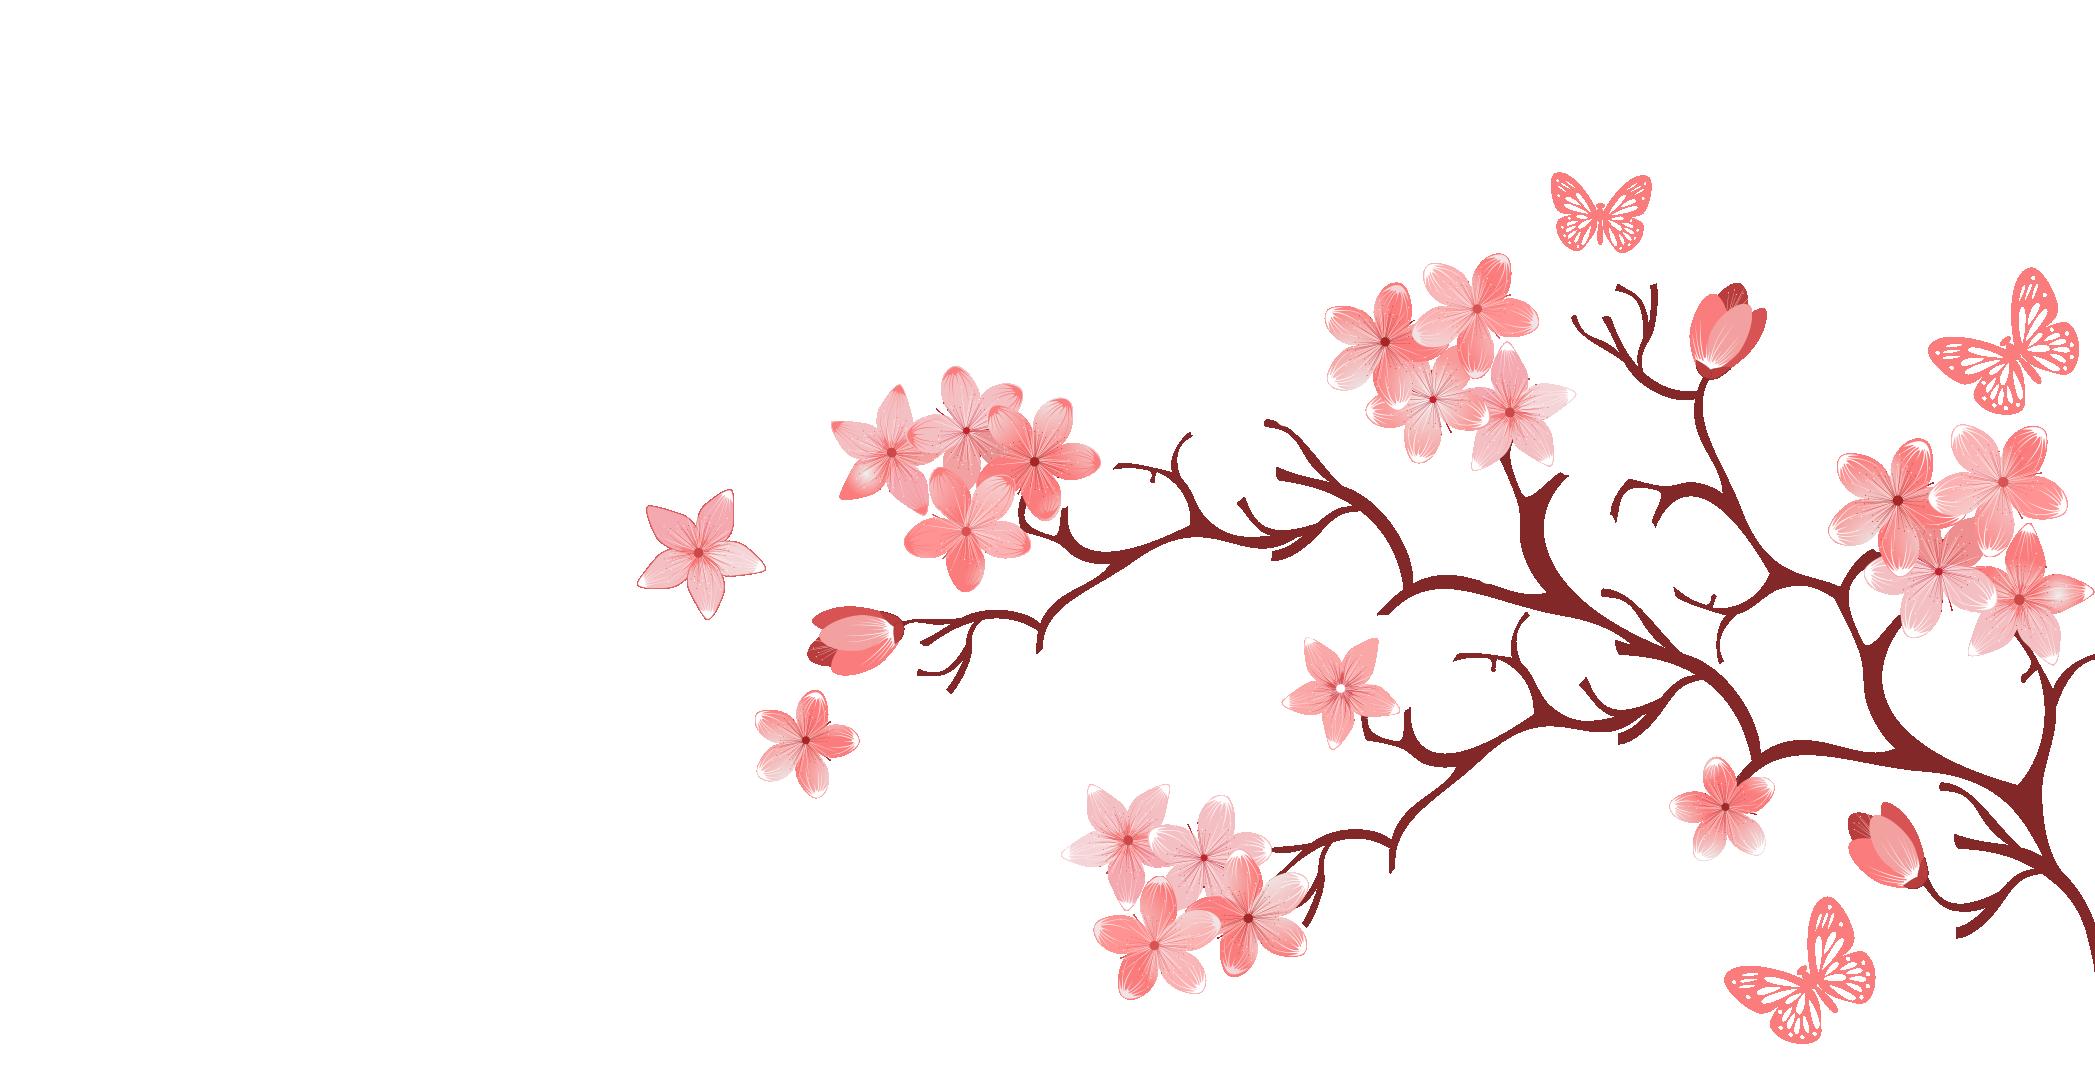 Hình ảnh hoa đào mùa xuân